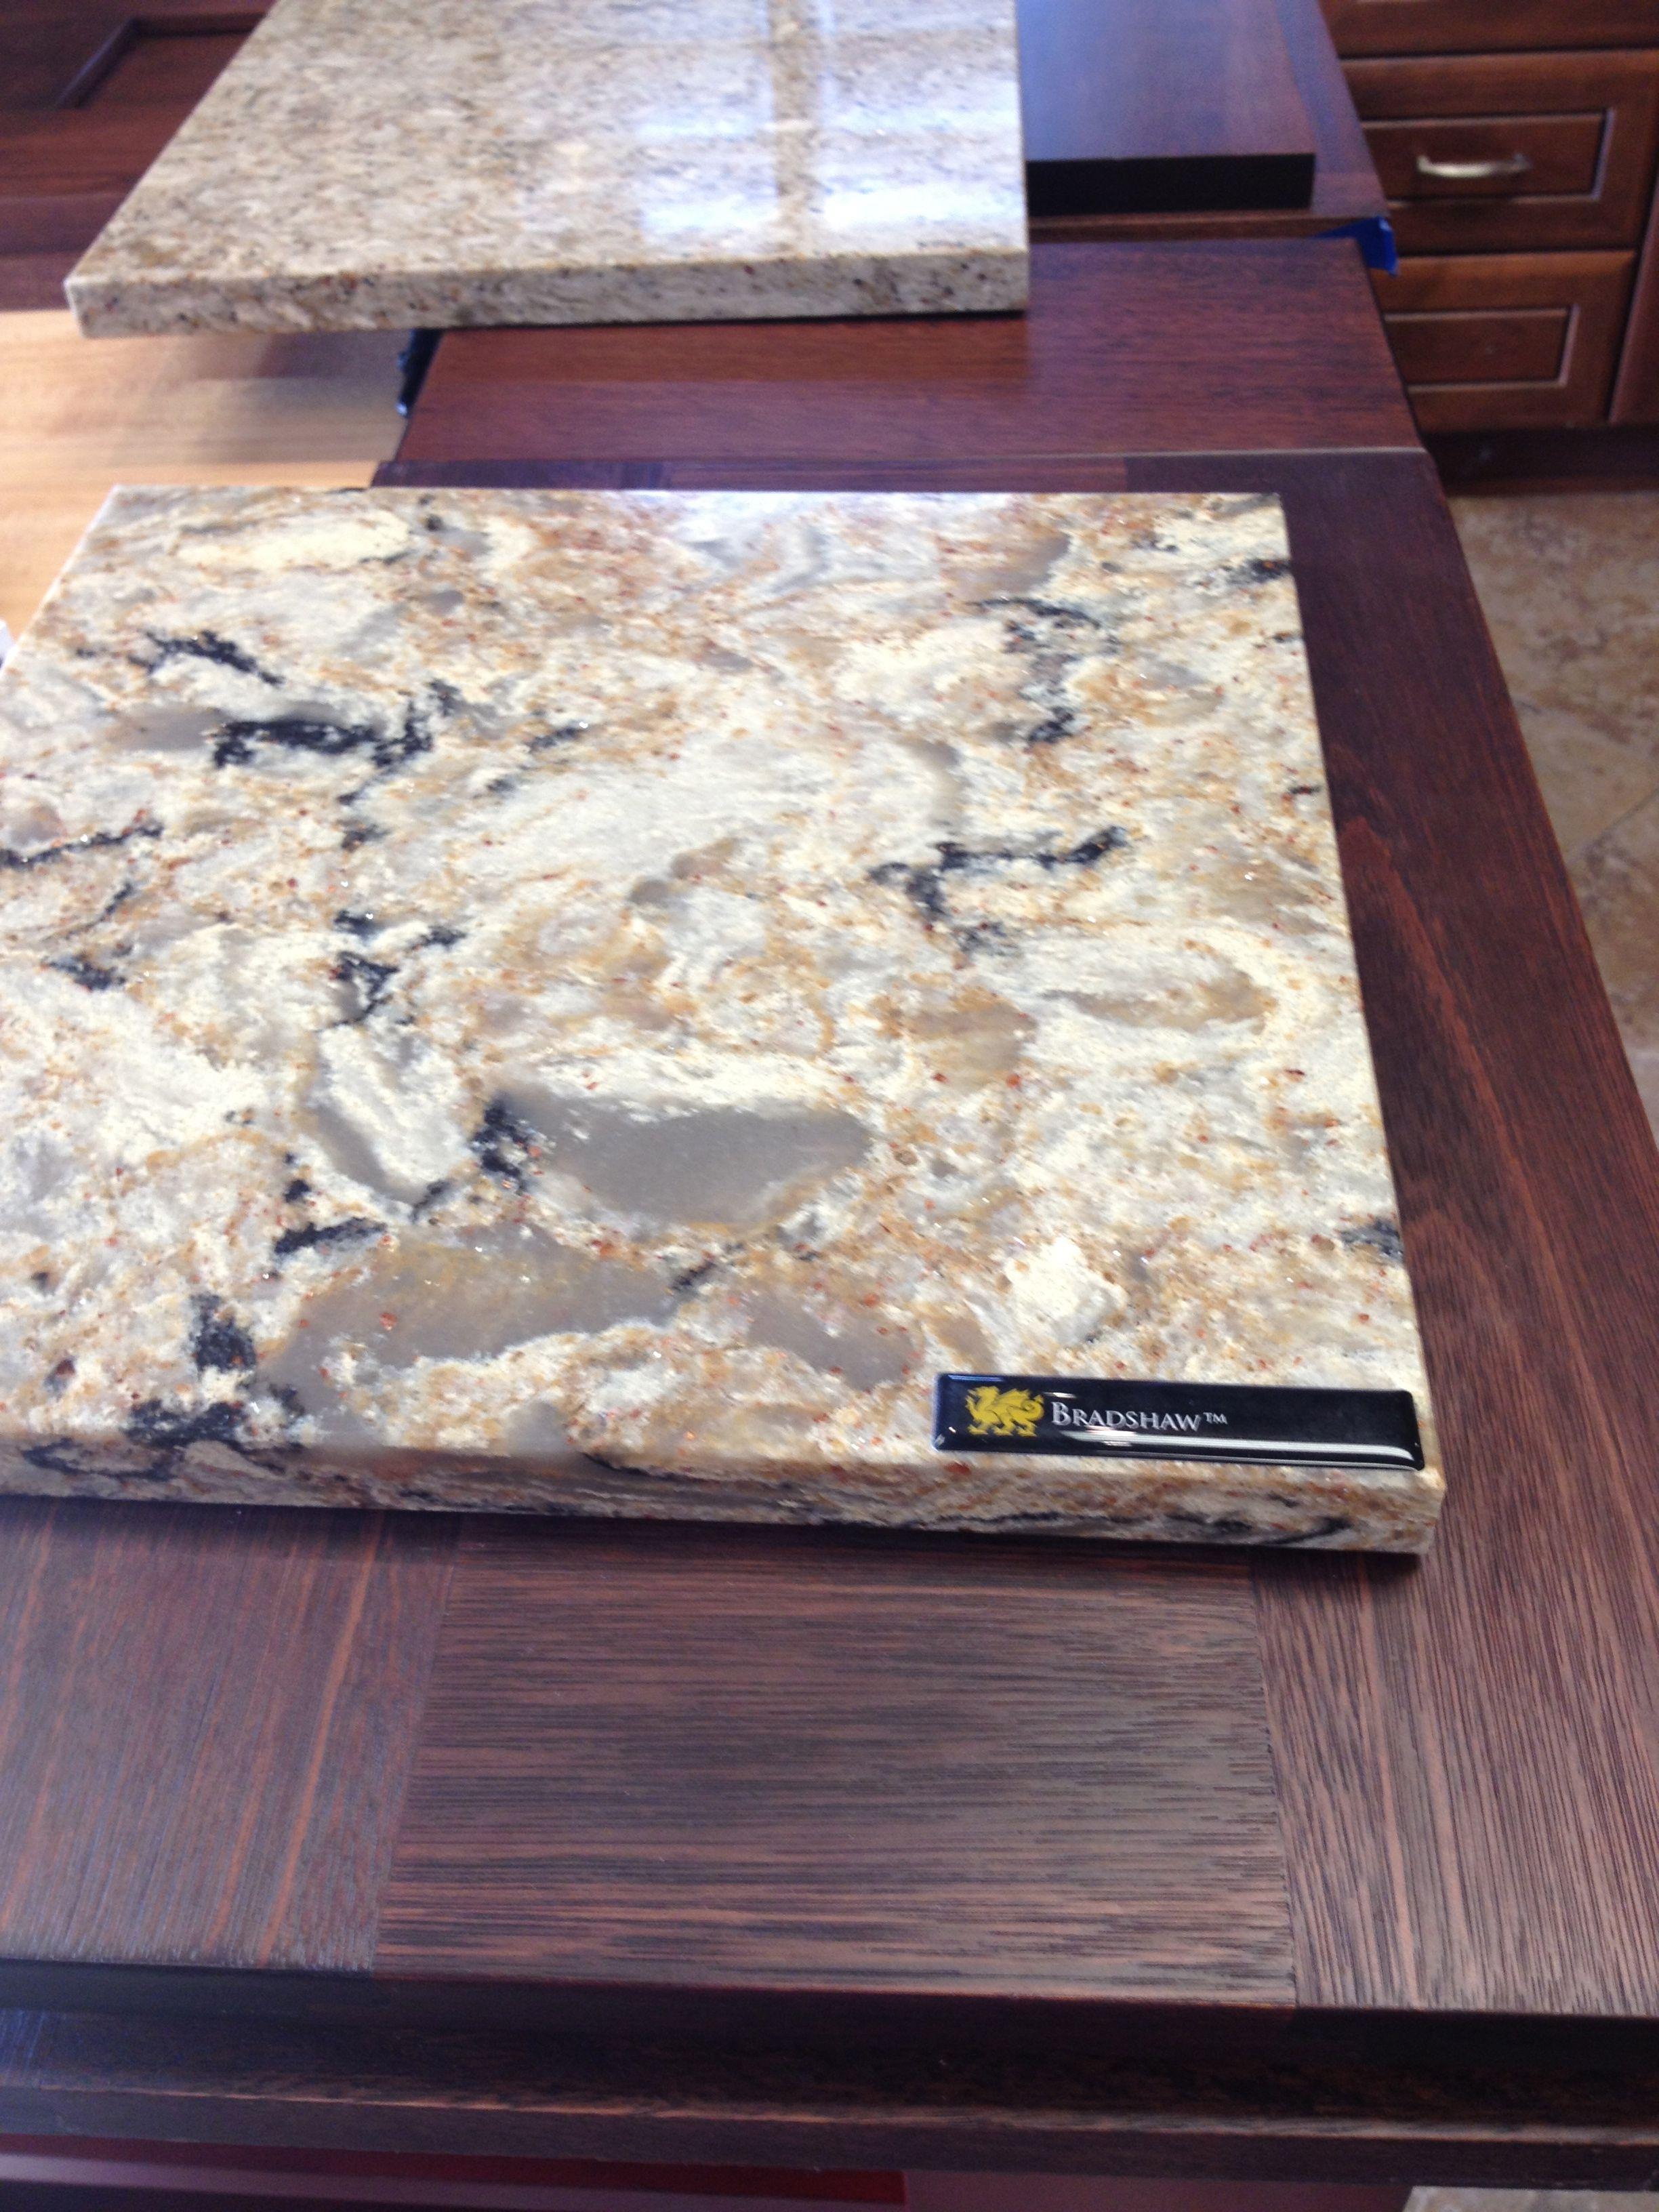 Cambria Bradshaw Quartz Countertop For Kitchen Love This Stuff Low Maintence Compared To Granite